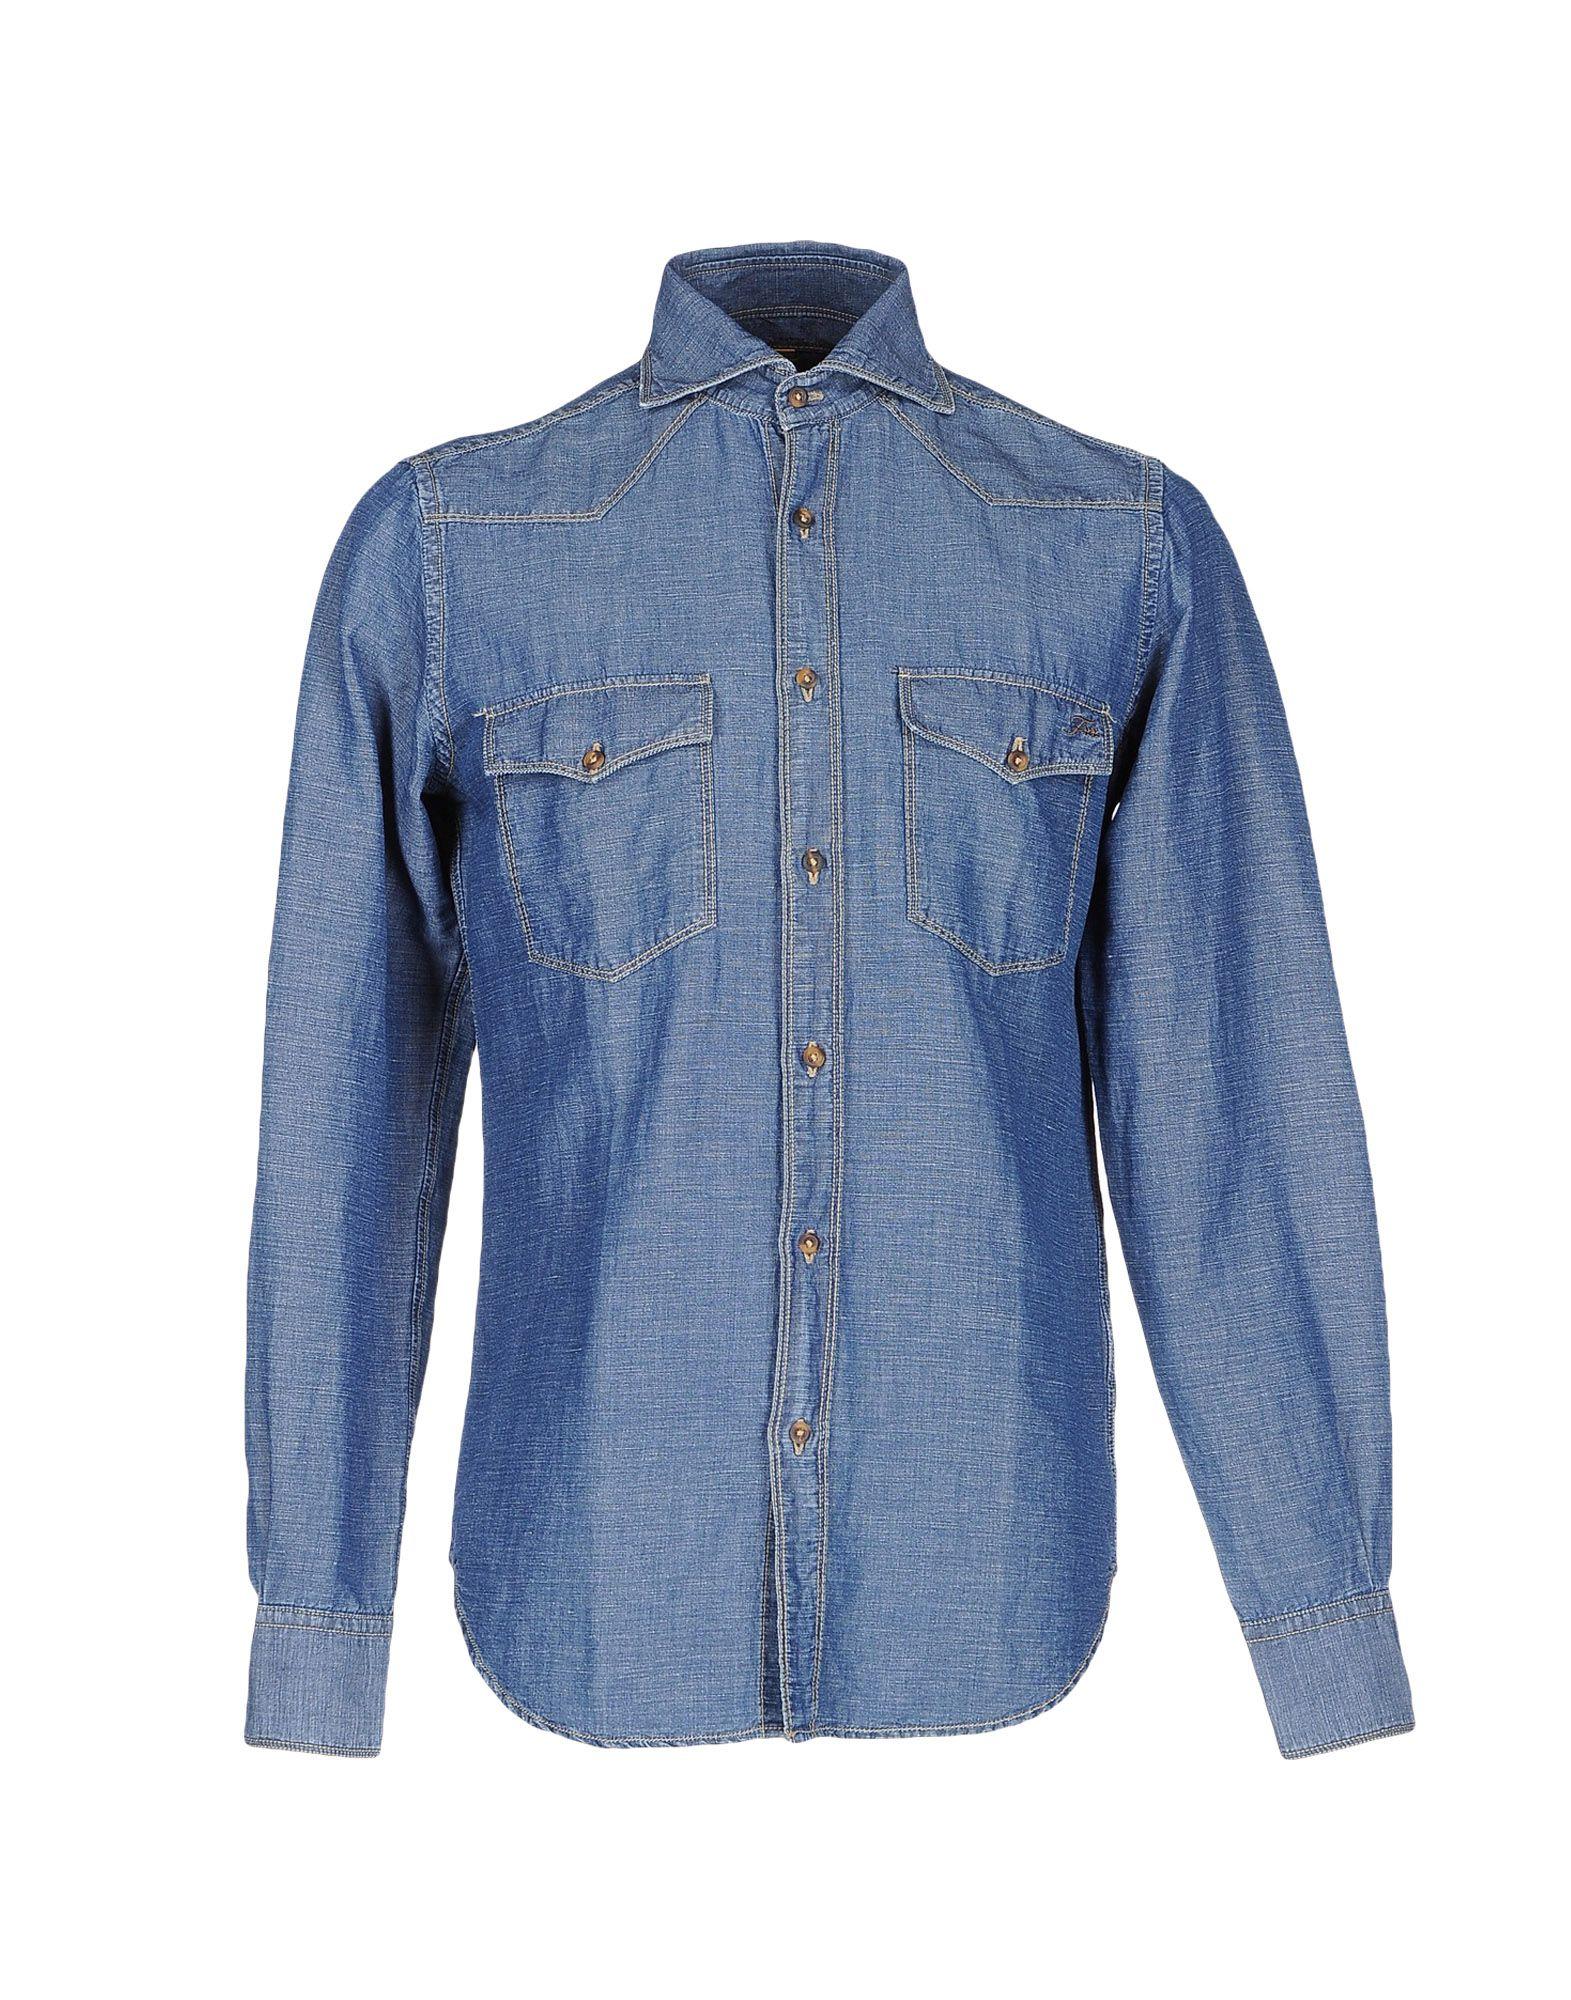 цены на F** by FAY Джинсовая рубашка в интернет-магазинах